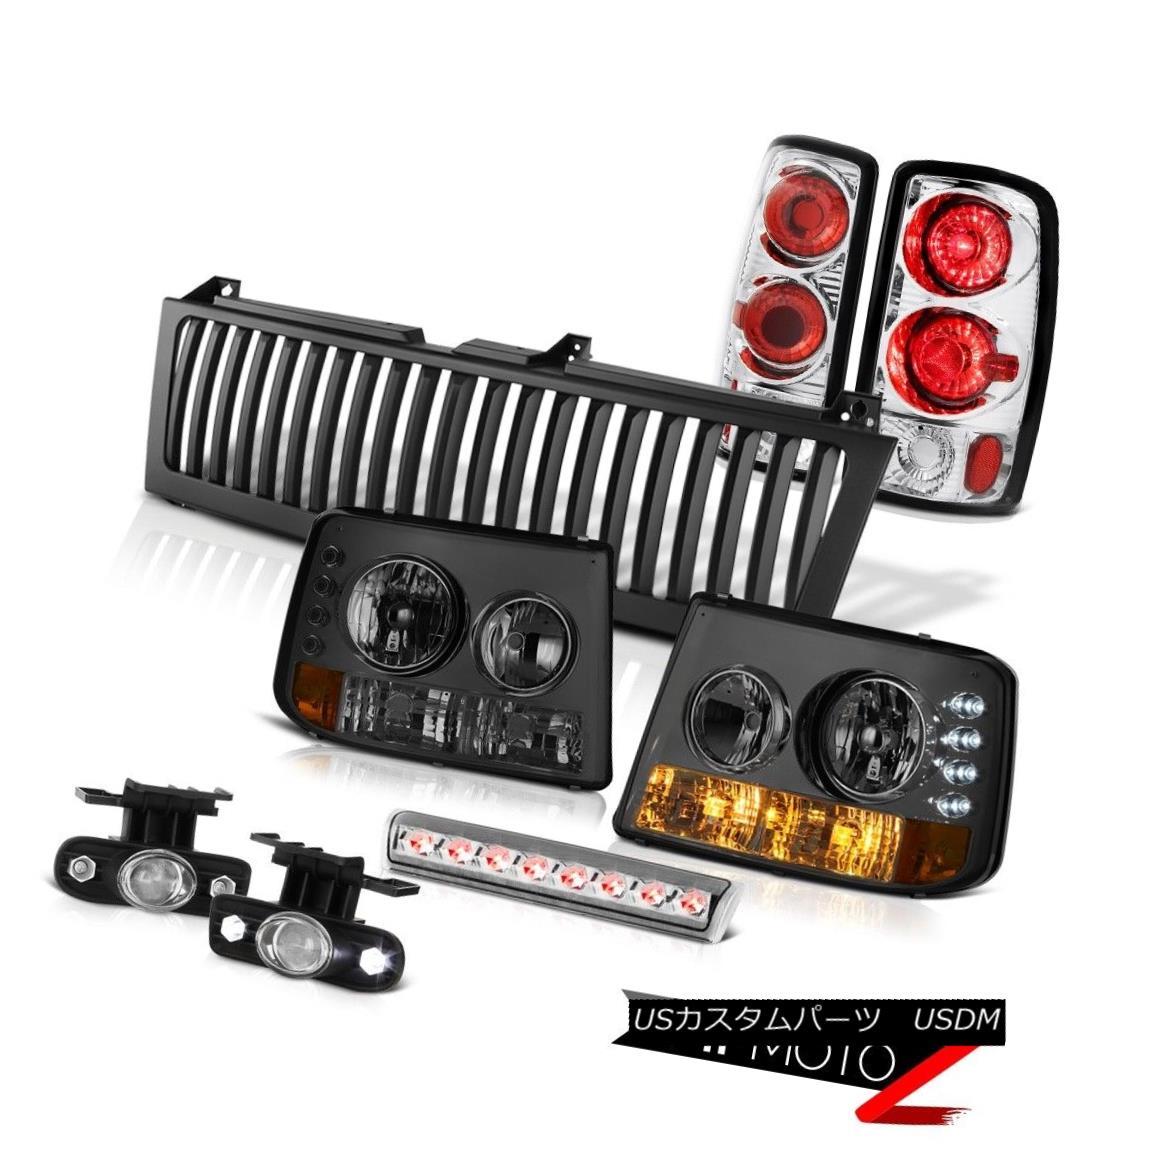 ヘッドライト Headlights Chrome Rear Tail Lamps Fog High Brake LED Bulbs Grille 00-06 Tahoe LT ヘッドライトクロームリアテールランプフォグハイブレーキLED電球グリル00-06タホLT